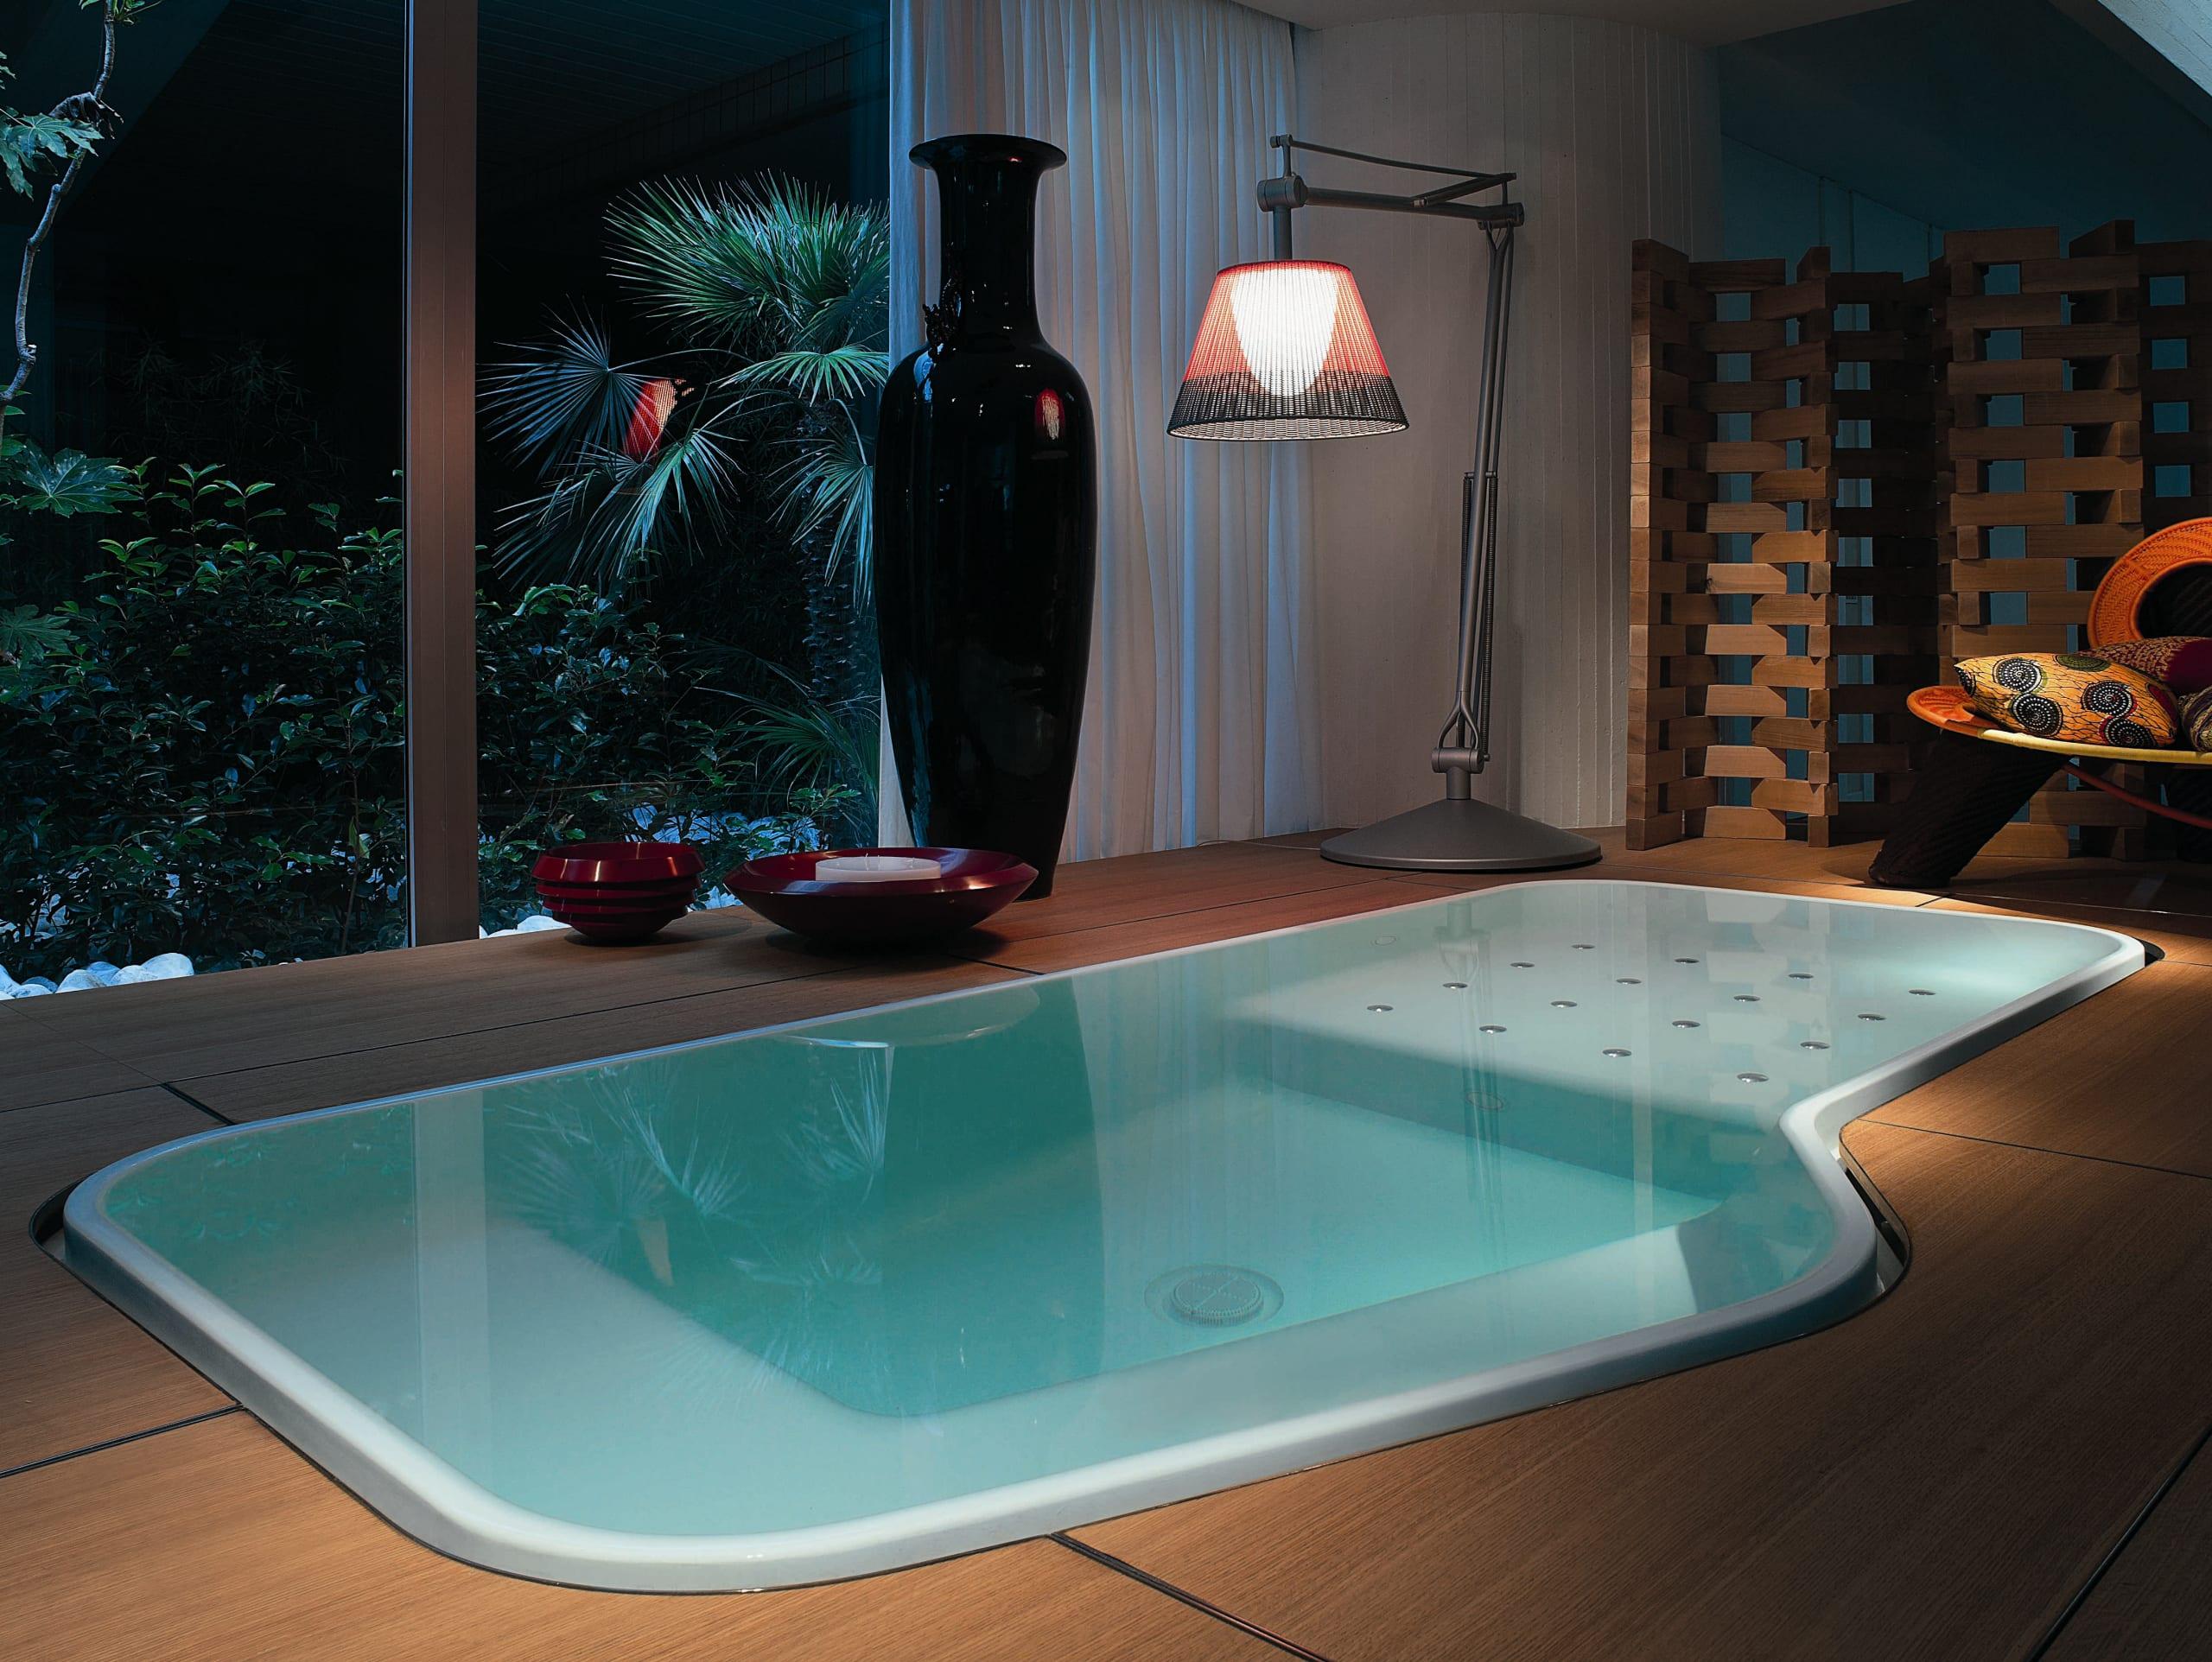 Badezimmer mit pool von kos freshouse - Gartengestaltungsideen mit pool ...